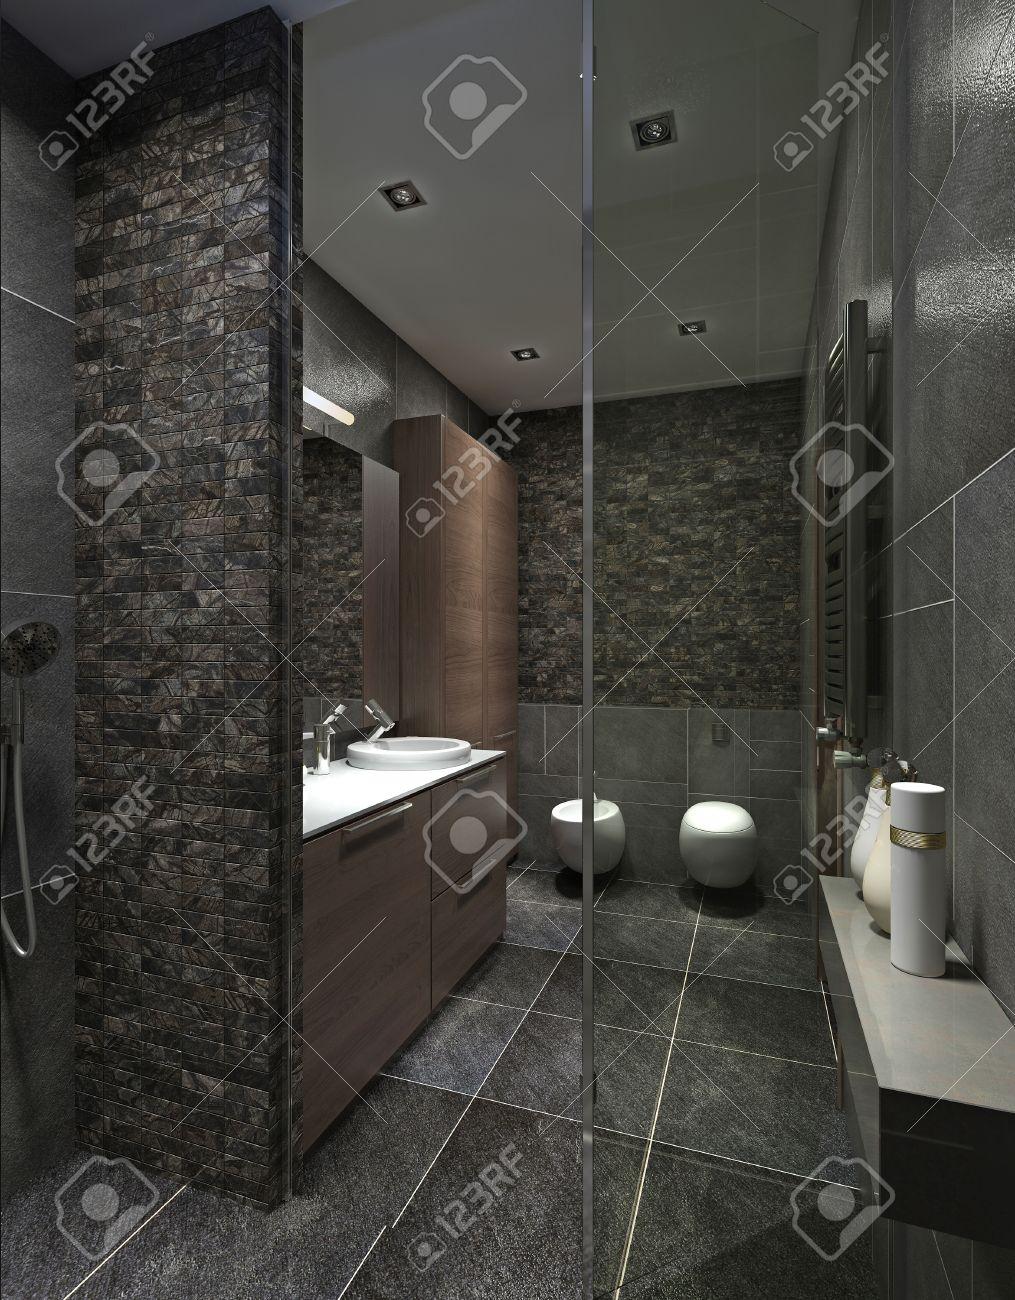 salle de bains moderne en carrelage noir mosaique et mobilier marron avec douche wc wc et bidet rendu 3d